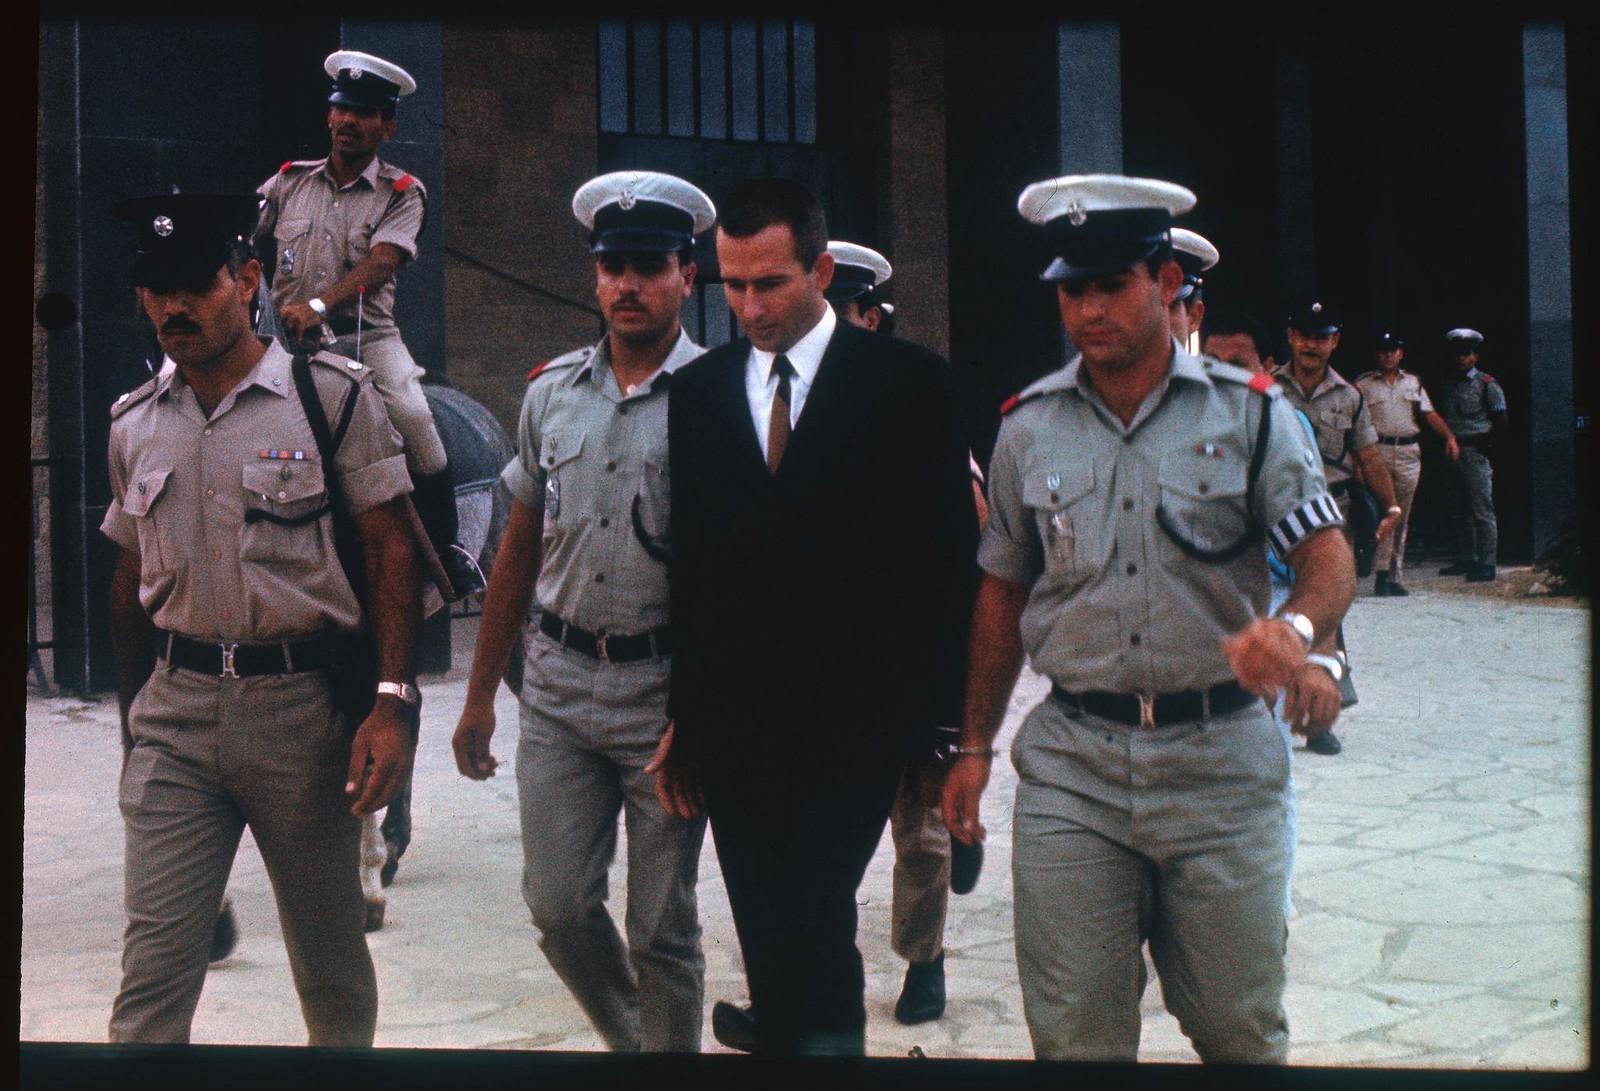 16. Денис Майкл Рохан вышел из здания суда, где ему были предъявлены обвинения в поджоге мечети Аль-Акса в Иерусалиме. 8 октября